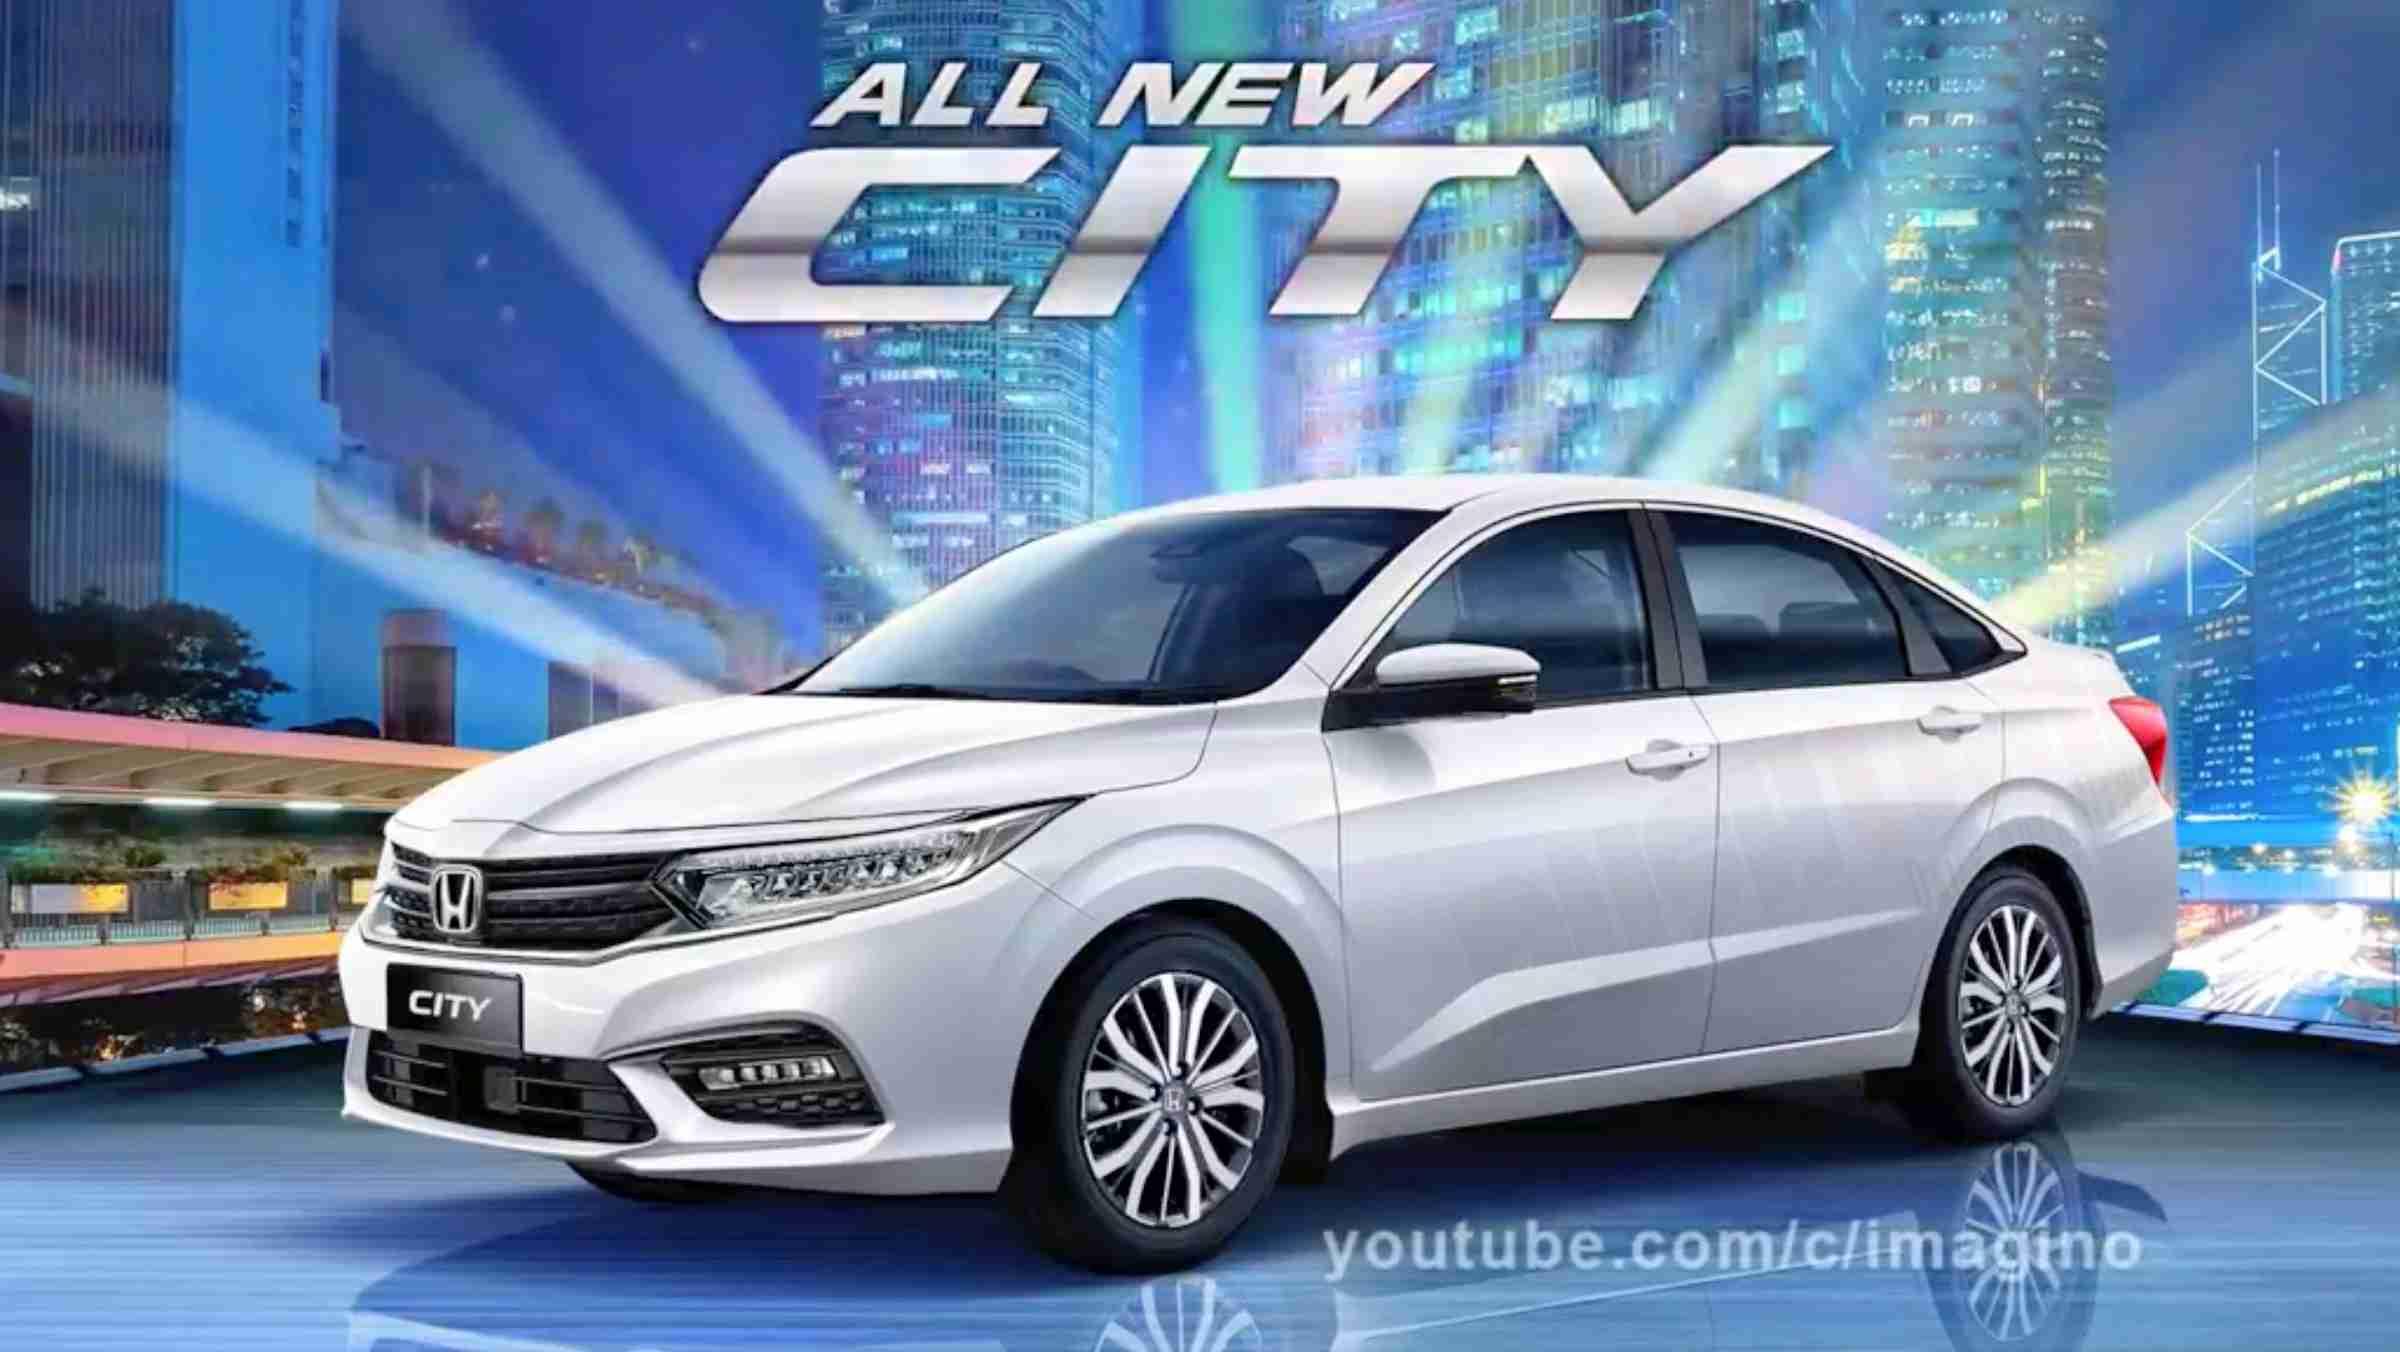 2020 Honda City White